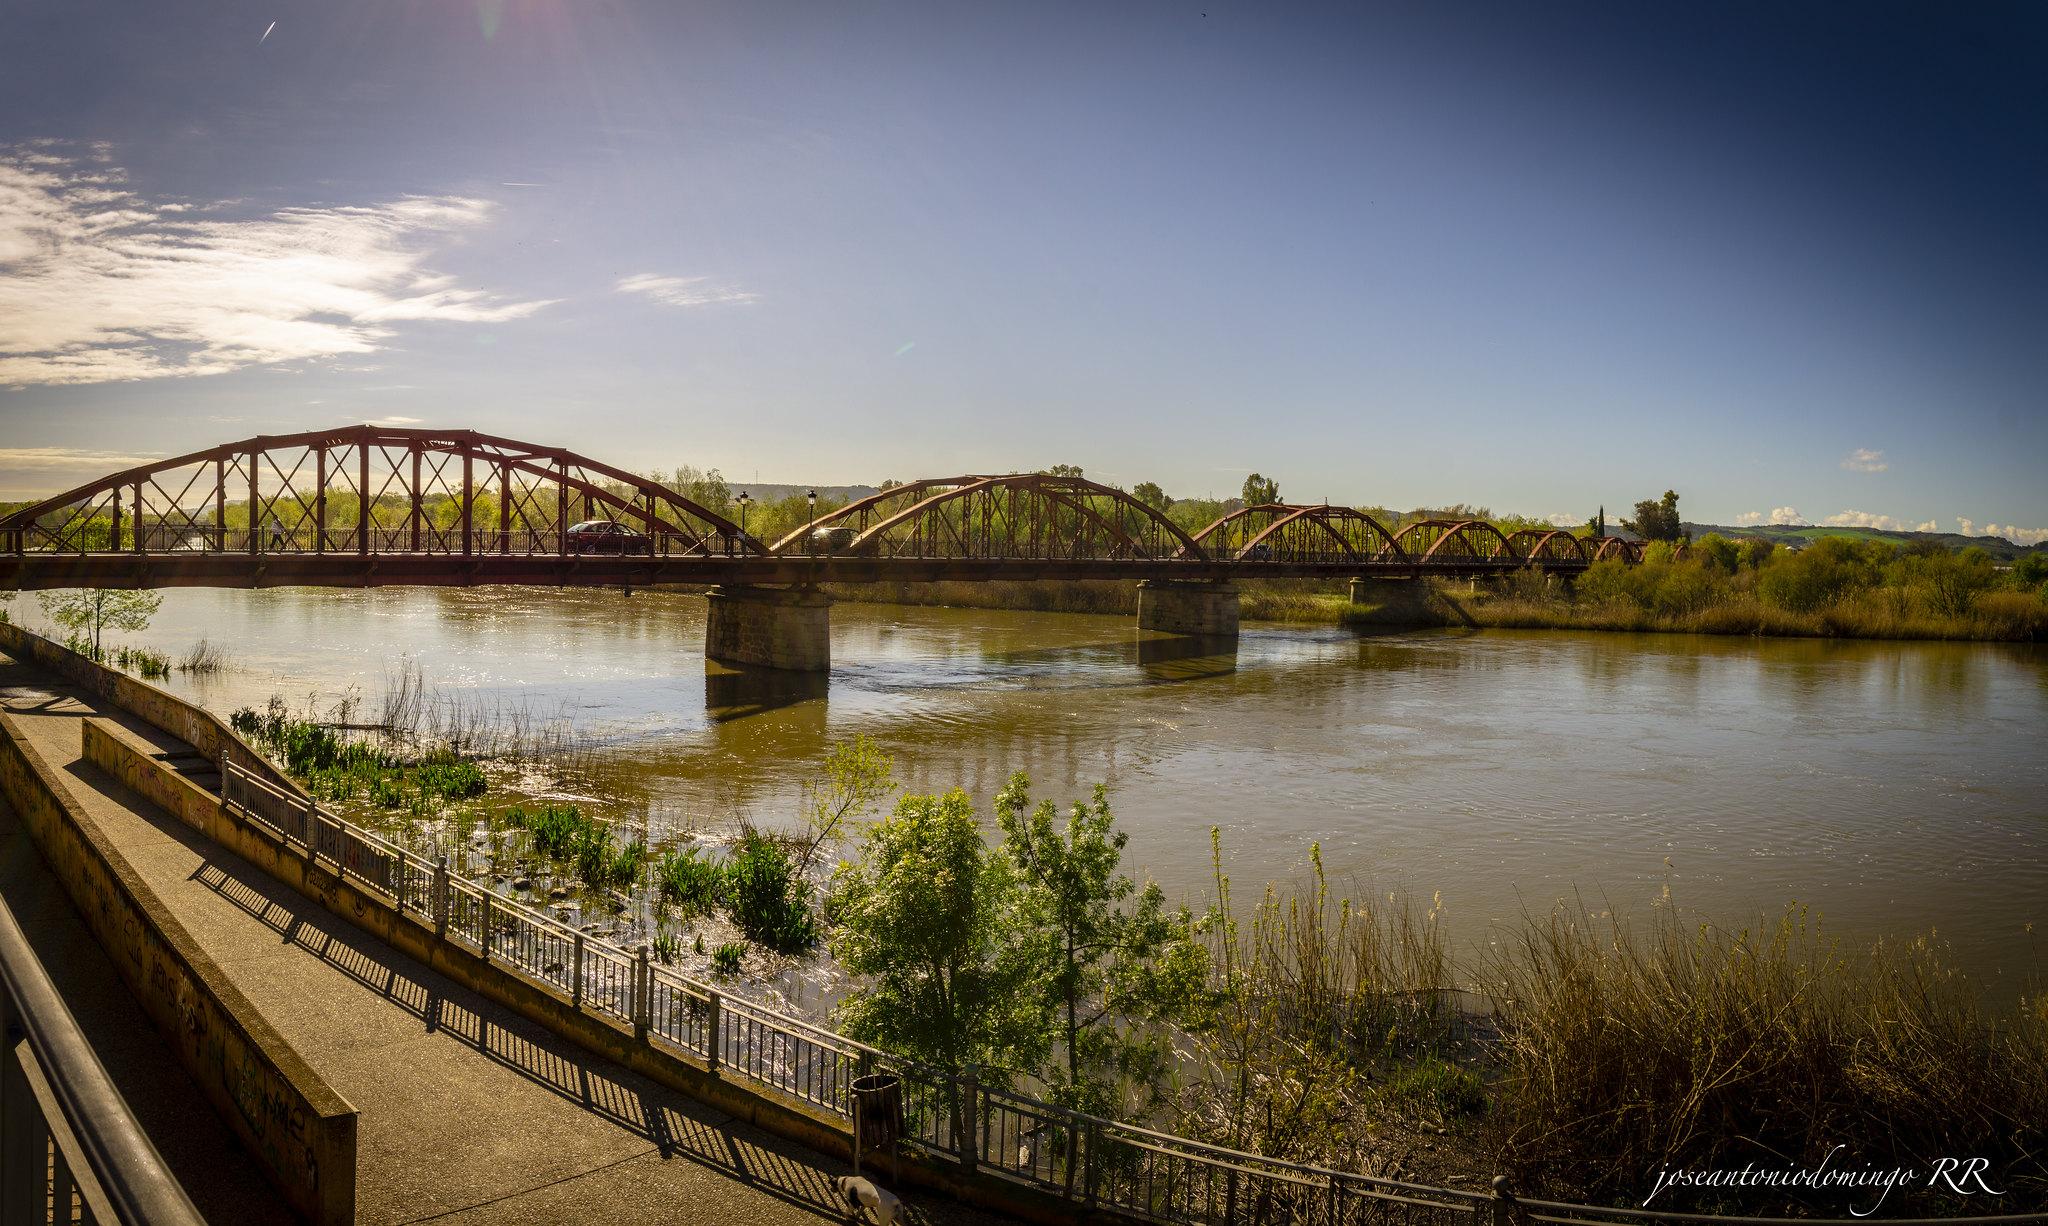 Puente de Hierro (Talavera de la Reina)